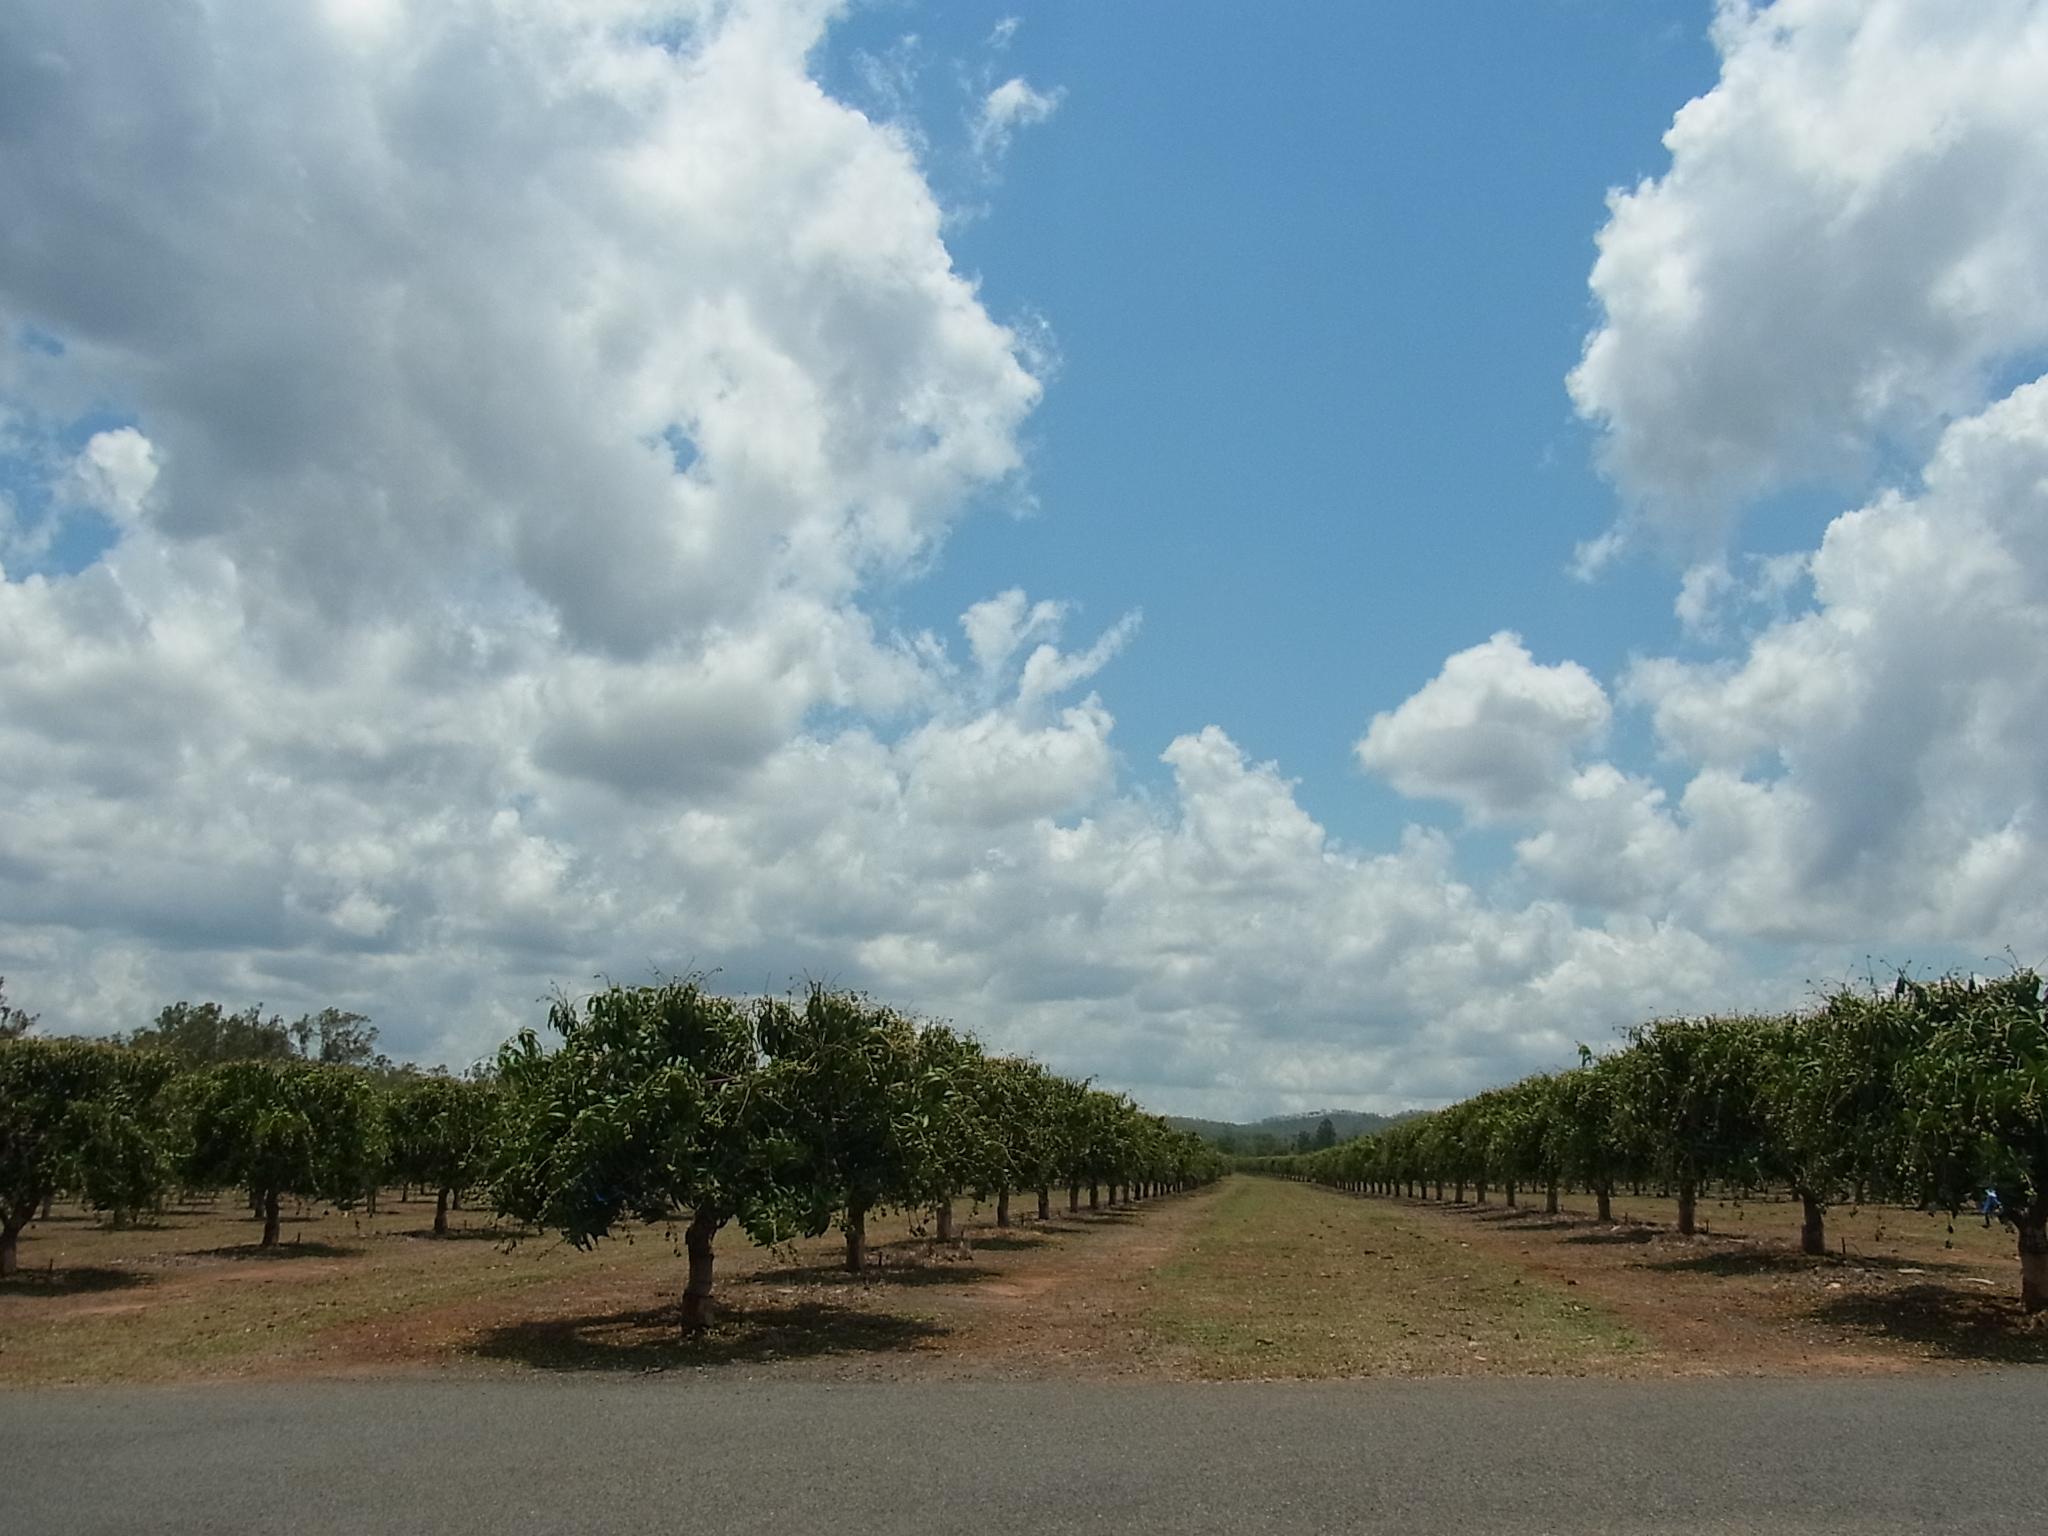 <p>そのワインが作られているのはマリーバの市内からほど近い広大な敷地を持つマンゴーファーム。 100ヘクタール以上の敷地に、4種類、1万7500本のマンゴーが植えられています。</p>